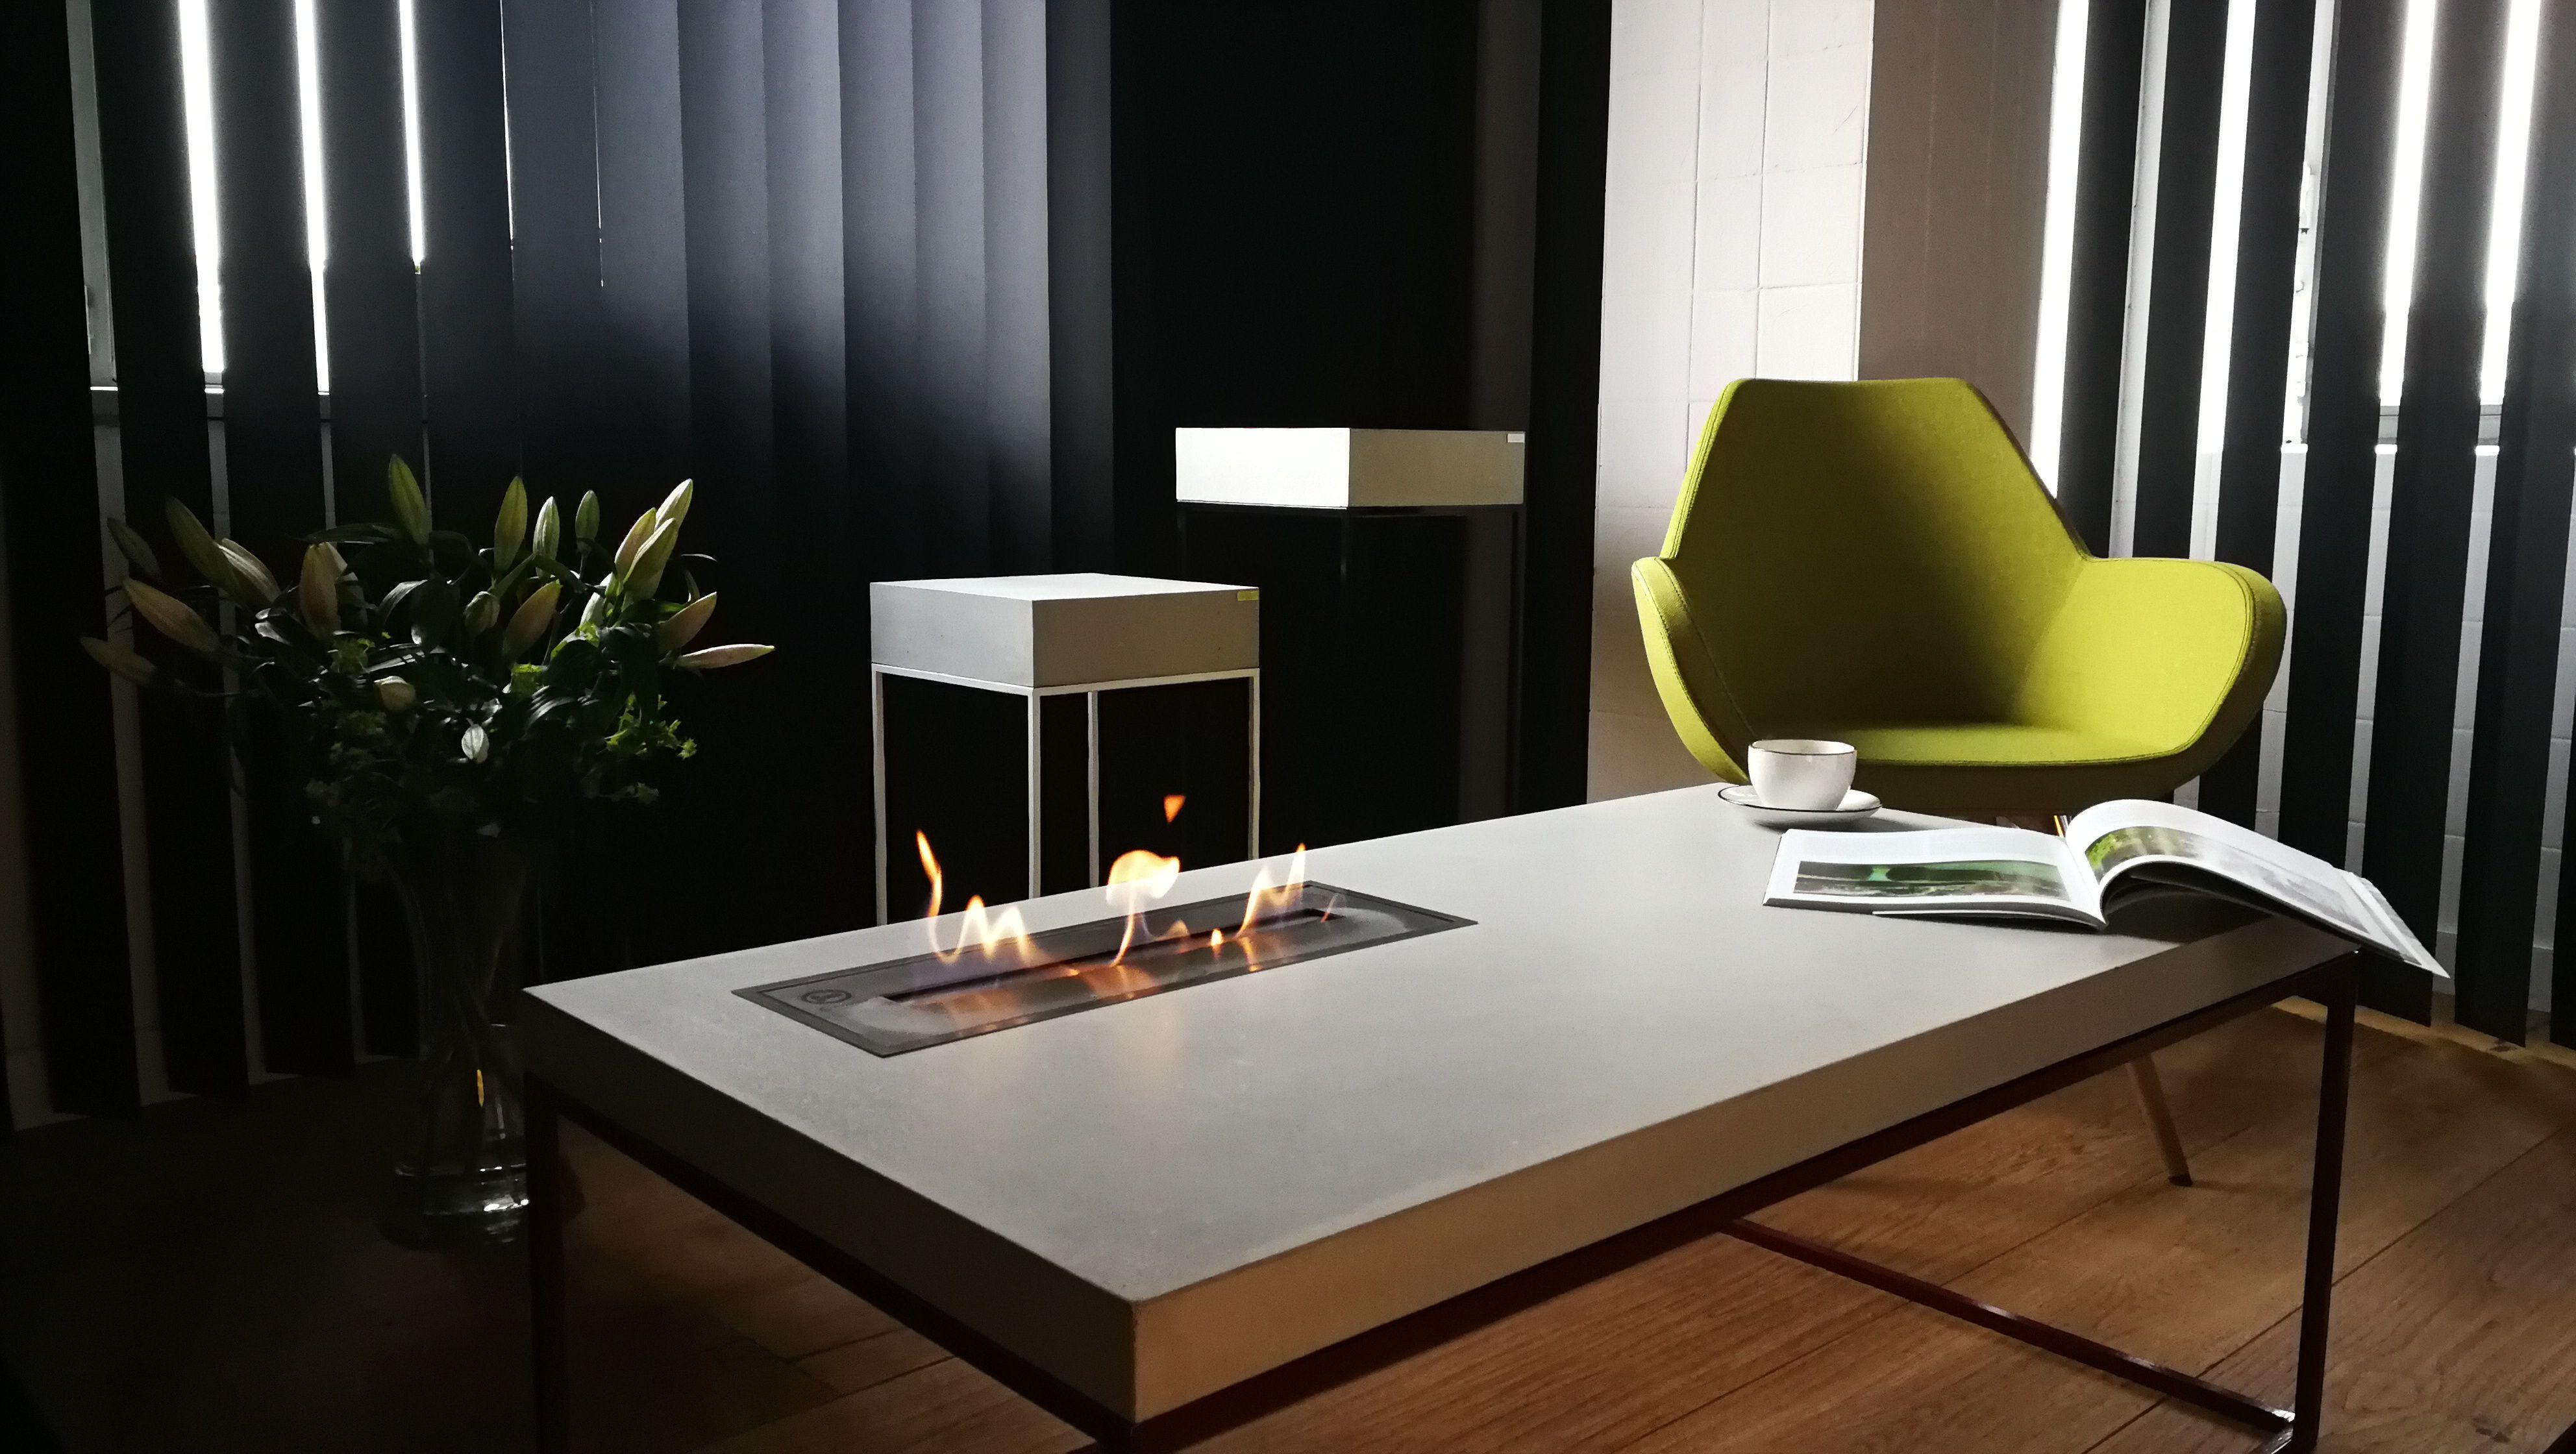 tabula cubicolo ignis | Kamintisch mit Stahlrahmen und Betonplatte aufliegend